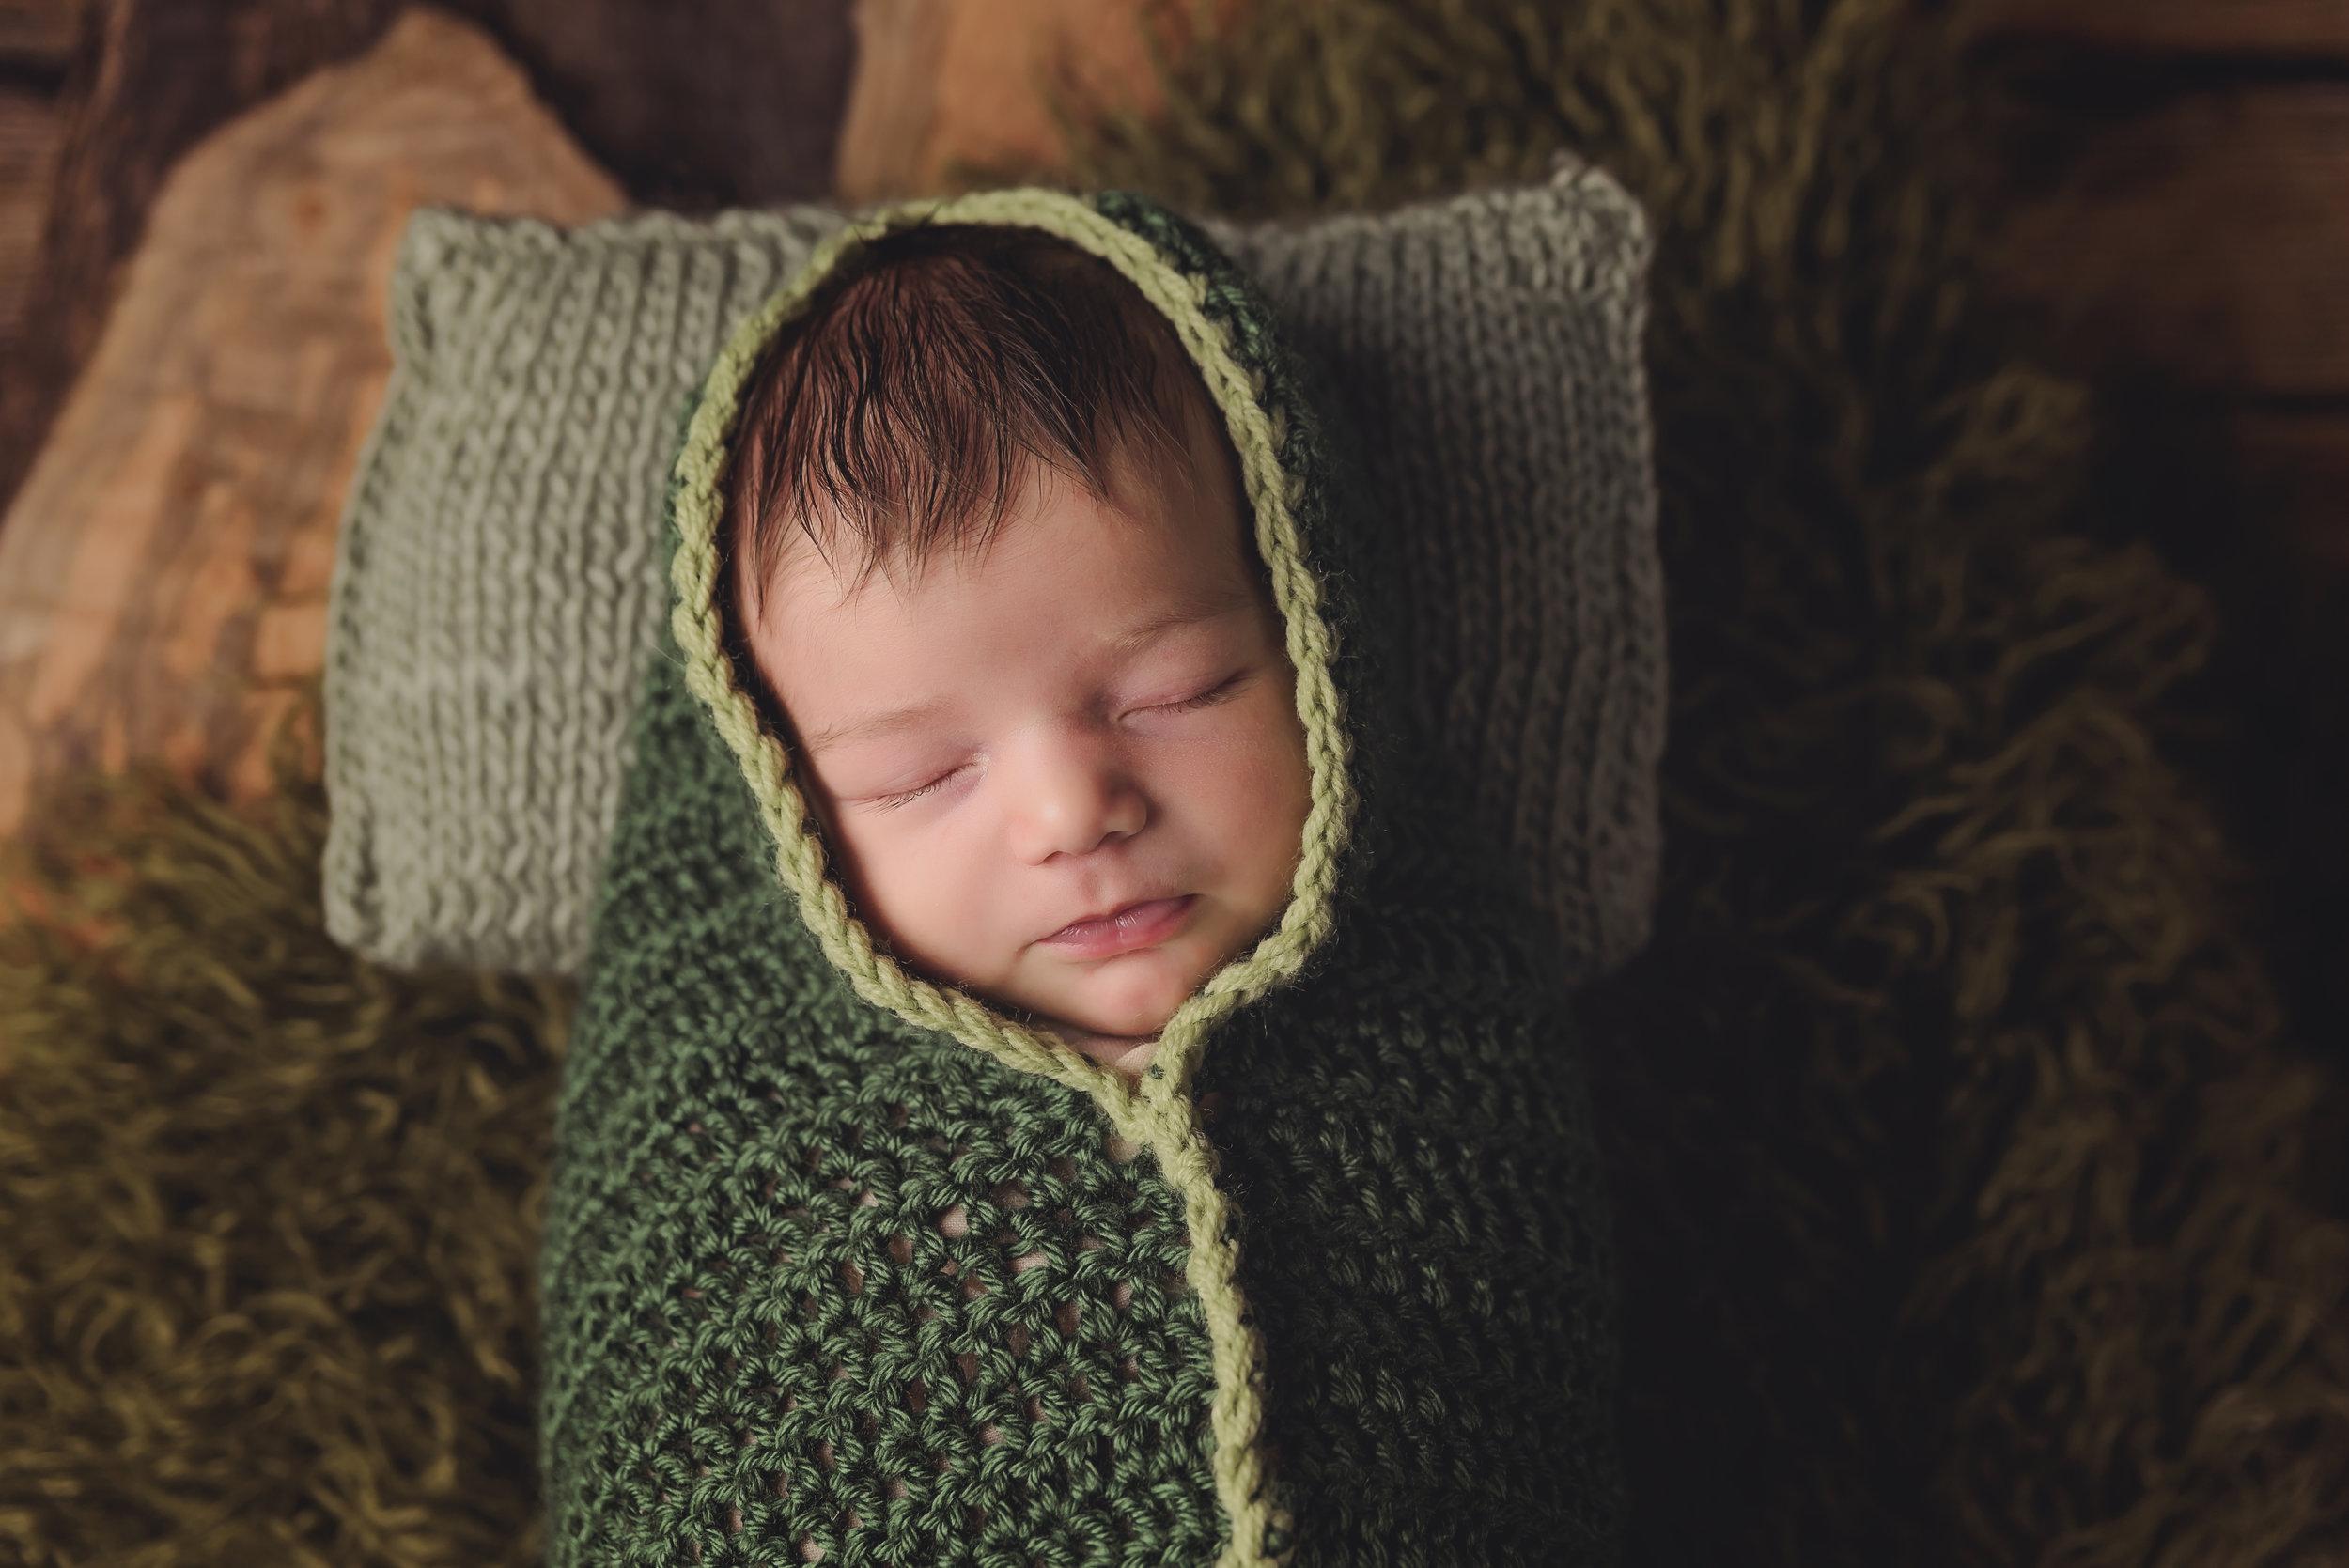 Newborn in a peapod